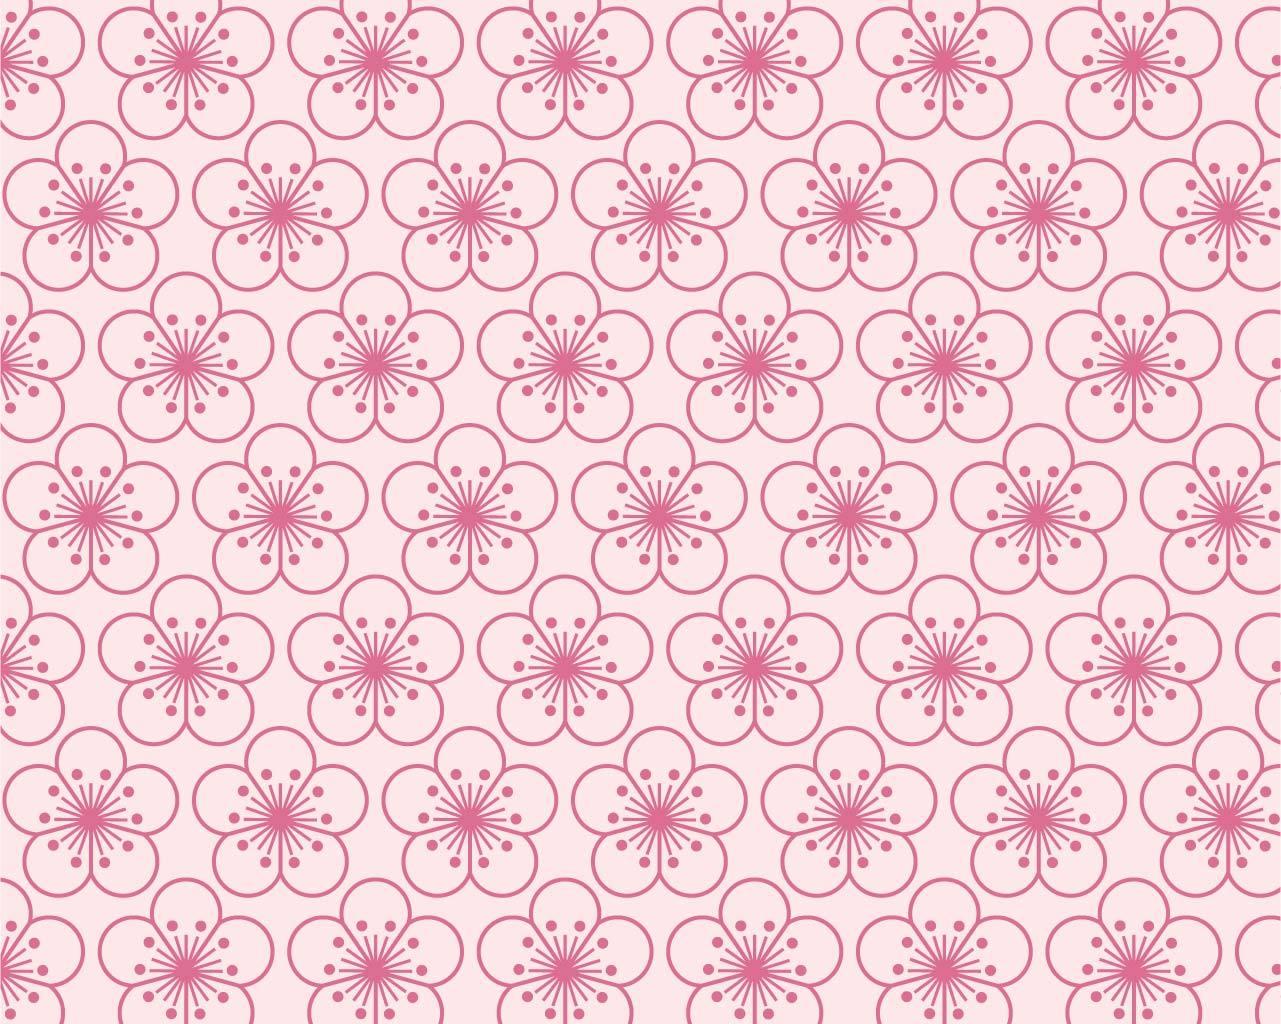 和風デザインは完璧 Photoshopの無料パターン素材60選 Ferret